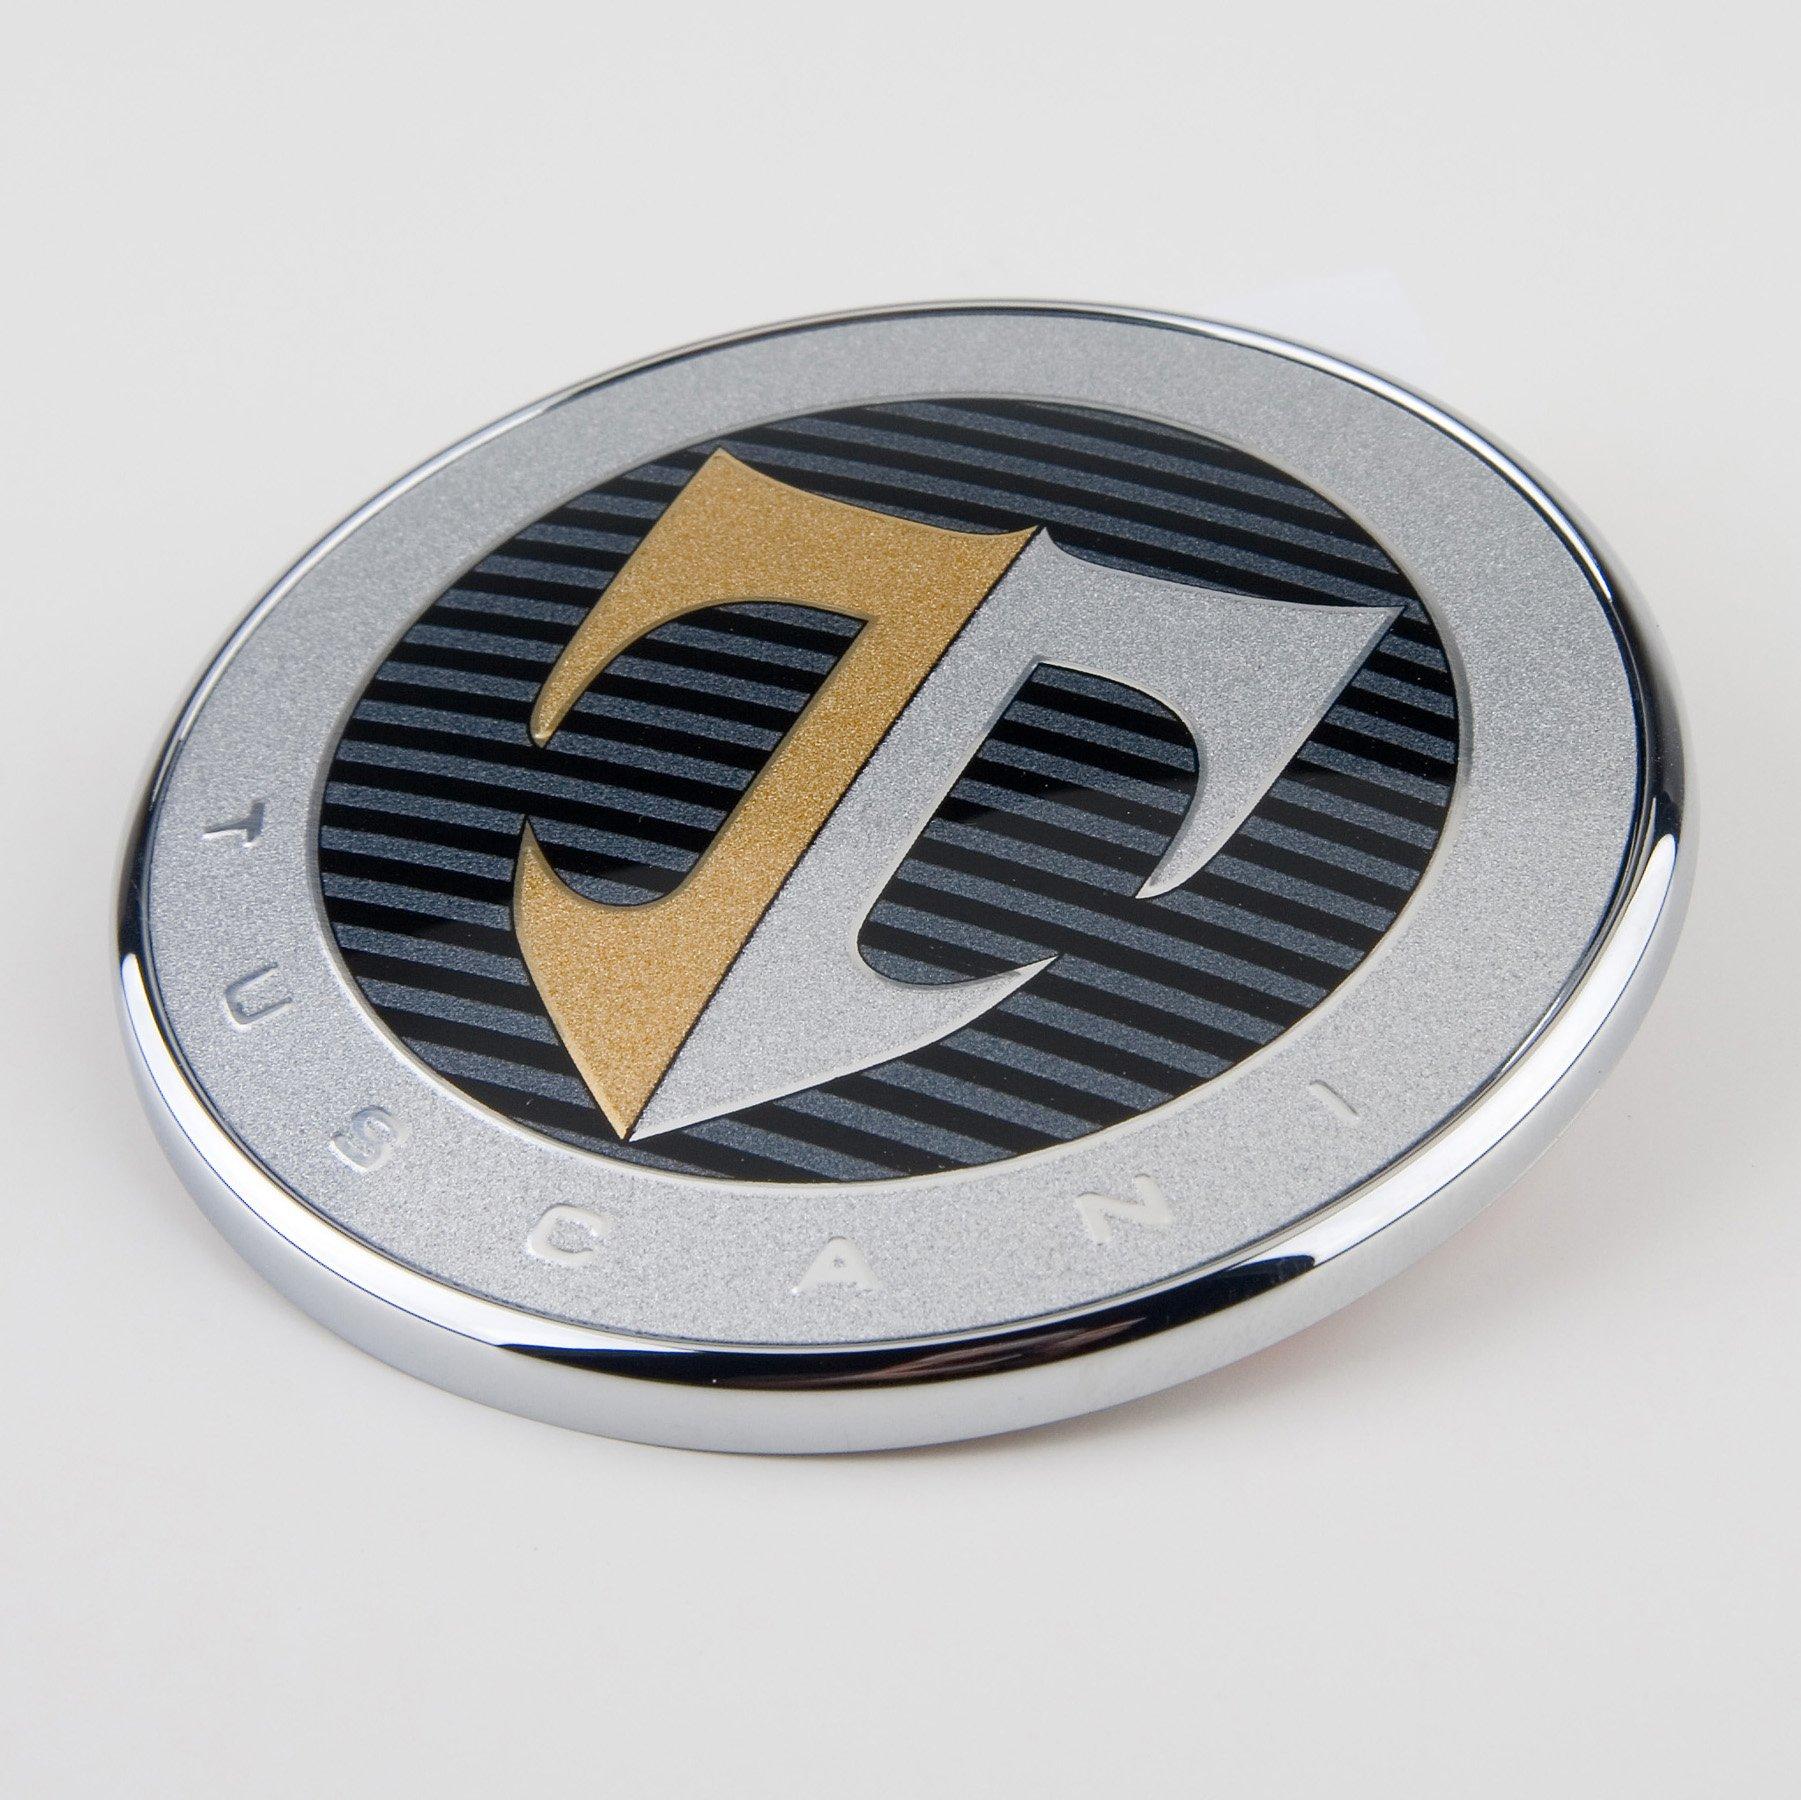 Hyundai Motors Genuine 863202C700 Coupe SIII 863302C000 Front Hood Rear Trunk 2.7 Elisa Tuscani Logo Emblem 4-pc Set For 07 08 Hyundai Tiburon